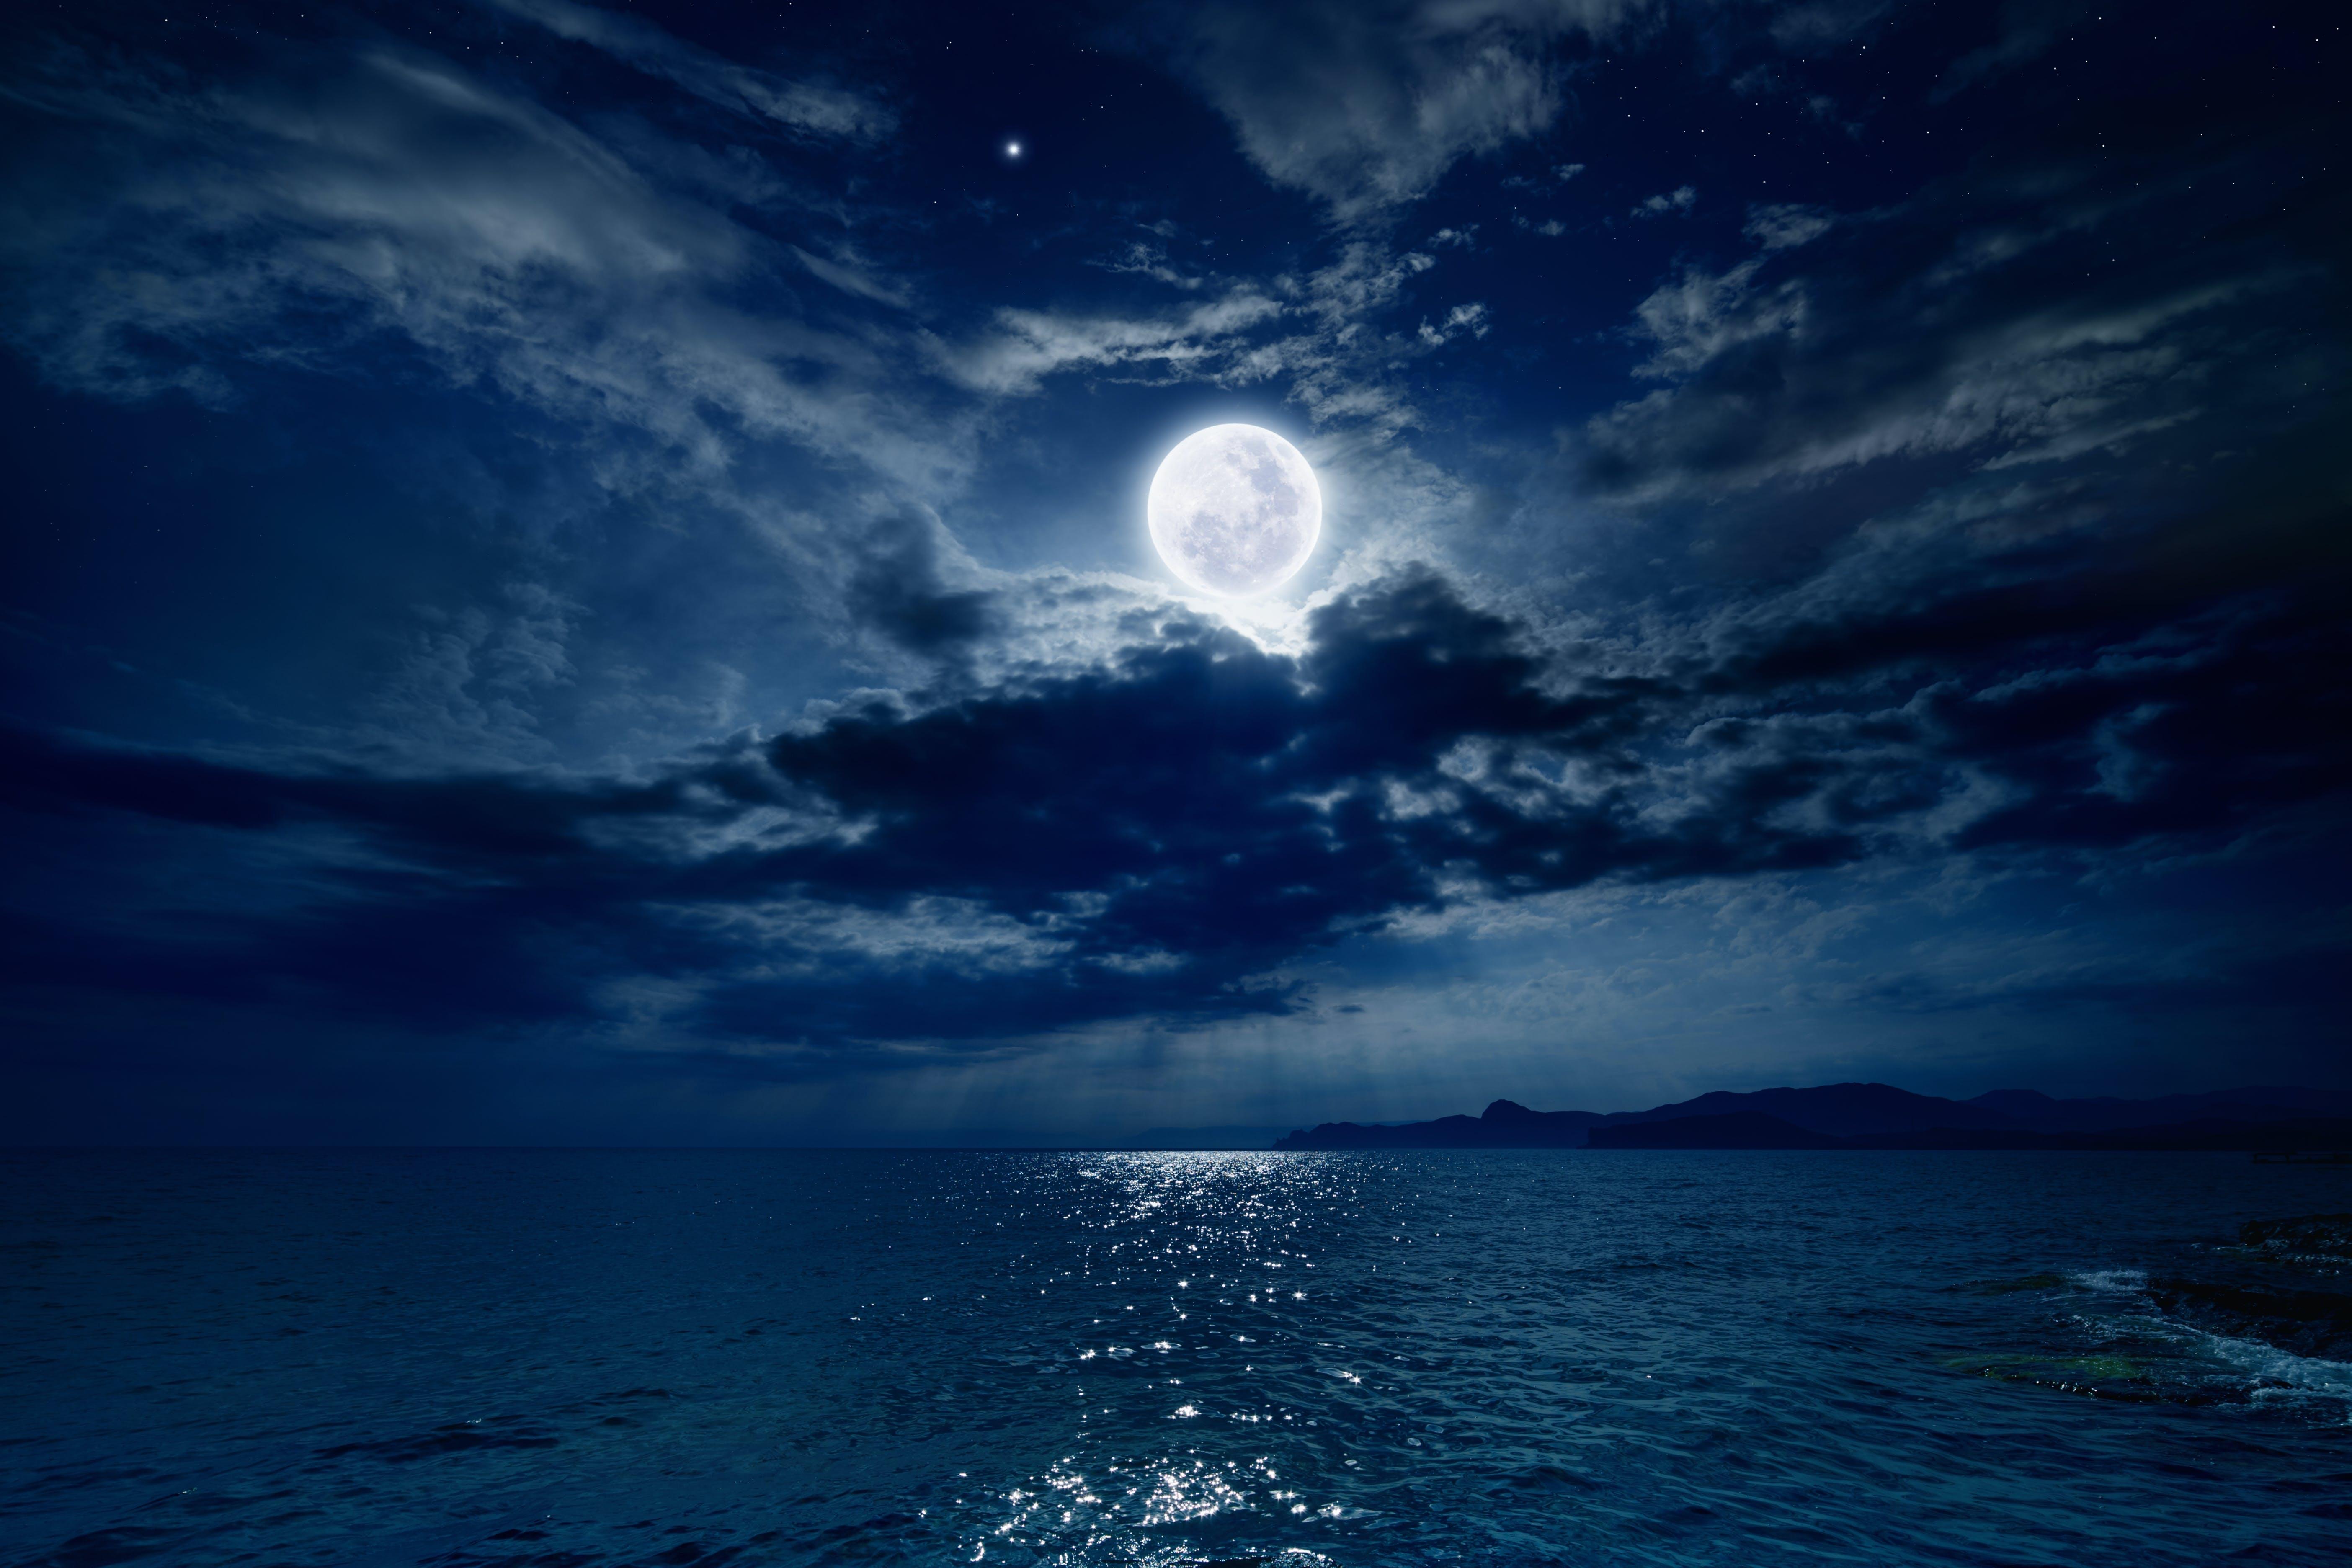 Hvorfor lyser Månen så stærkt?